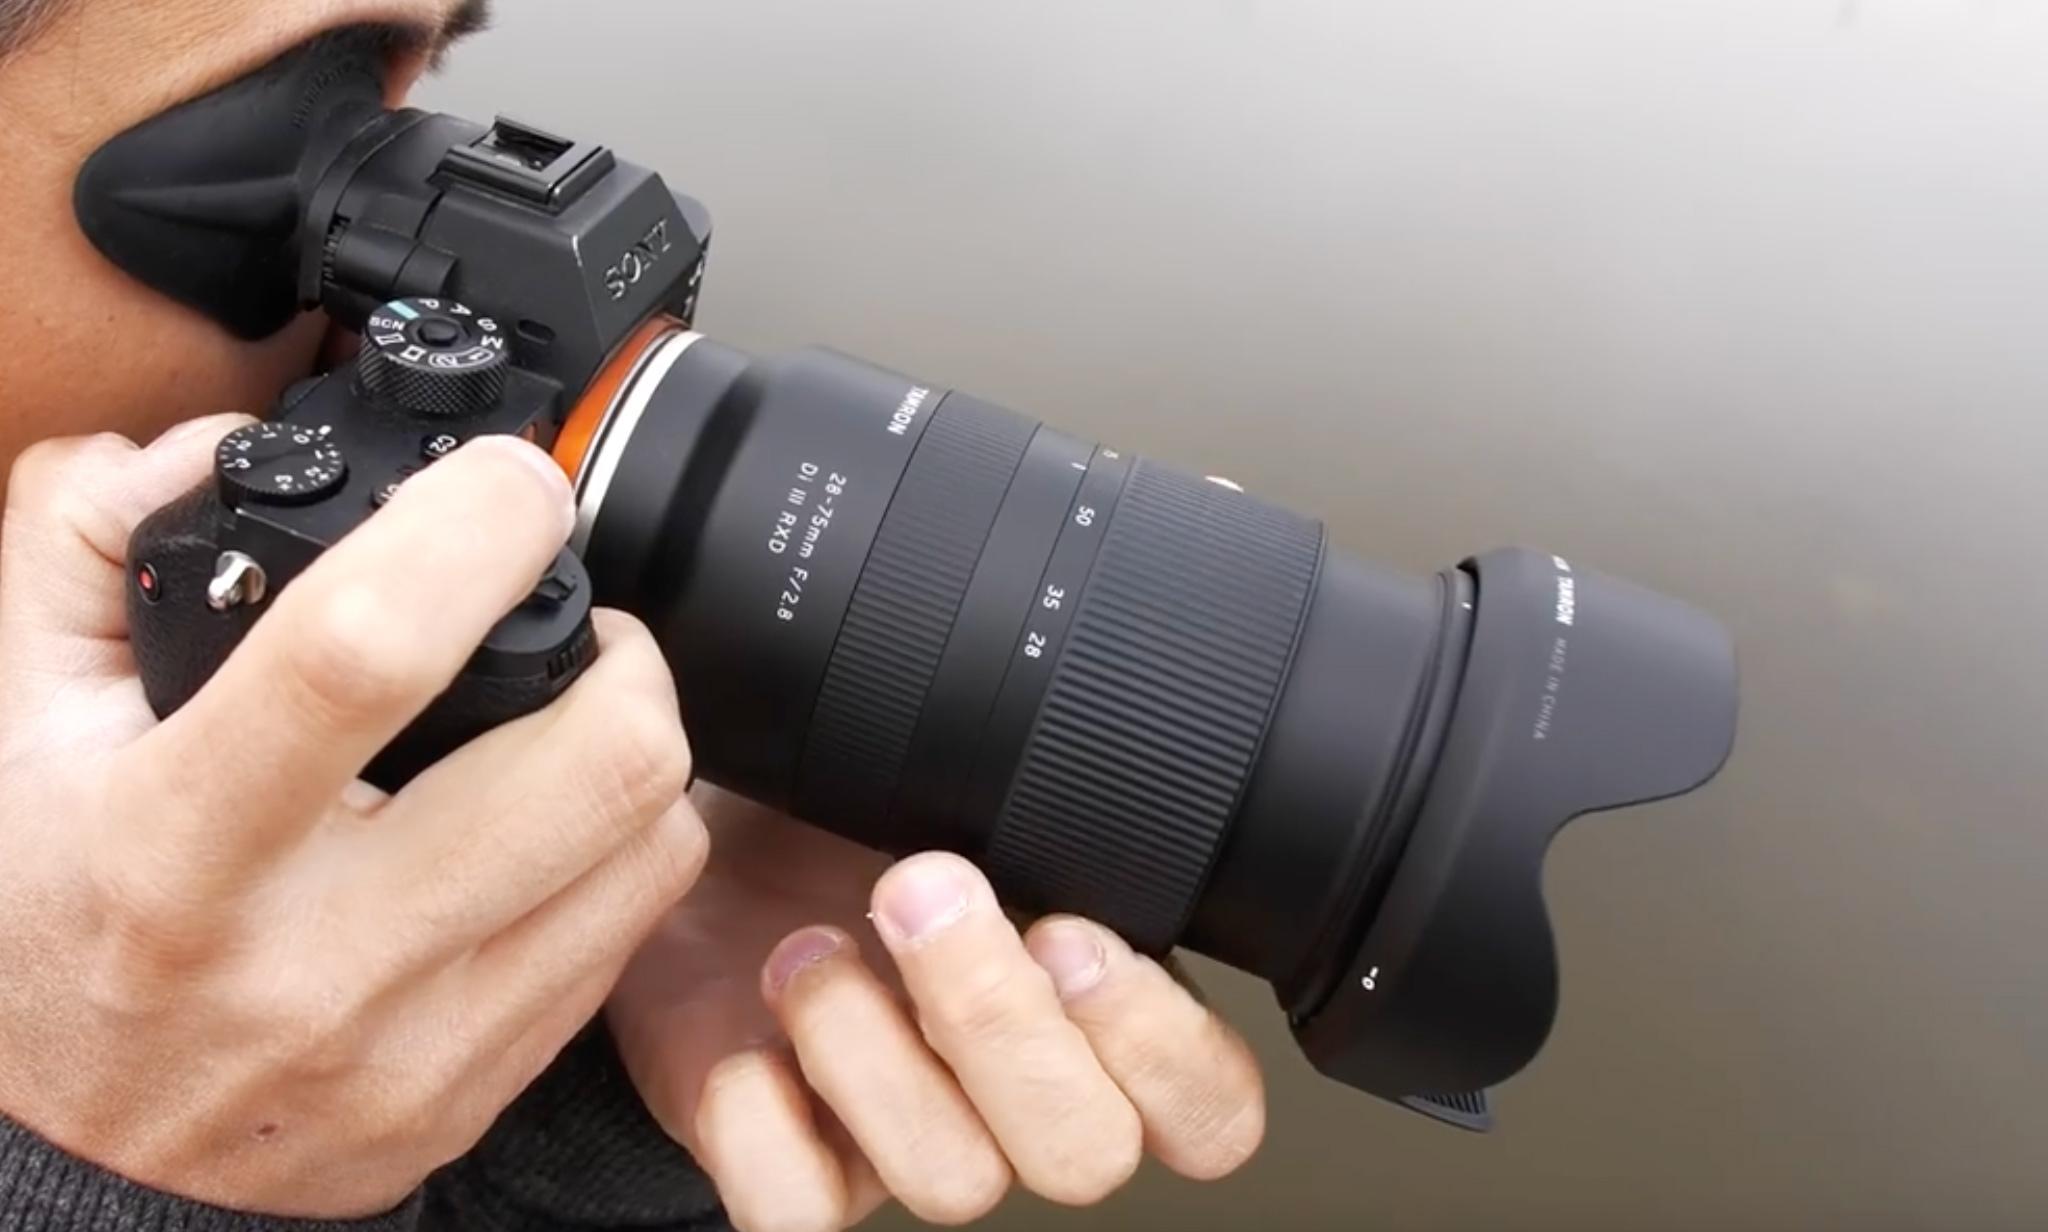 Dpreview videoülevaade Sony hübriidkaameratele mõeldud Tamron 28-75mm f/2.8 objektiivist